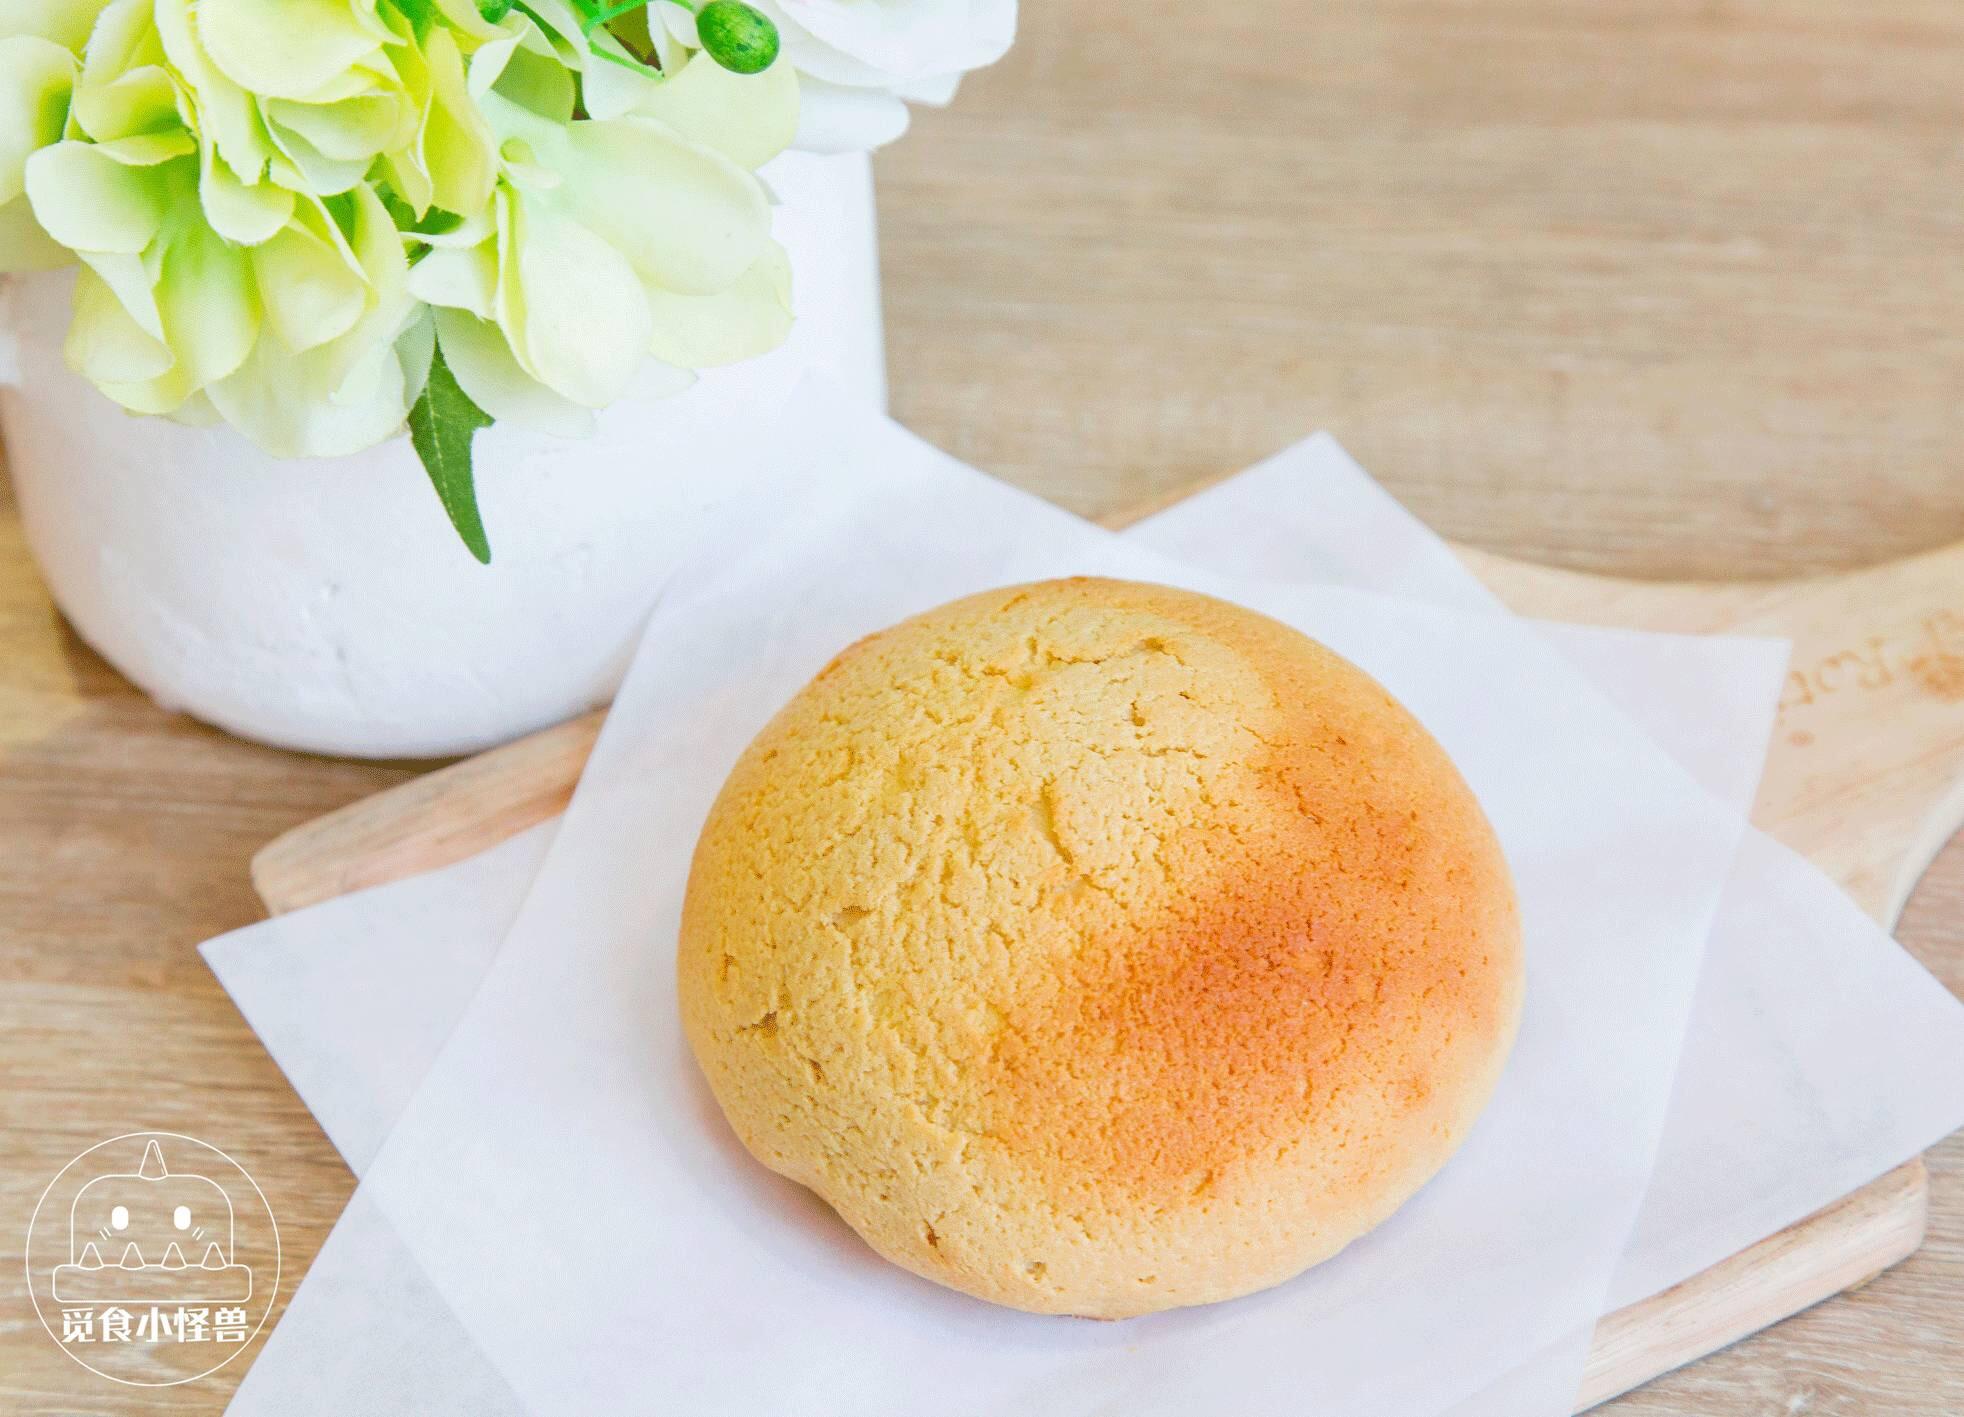 帕帕罗蒂教你面包店加盟经营技巧,快来带走它!